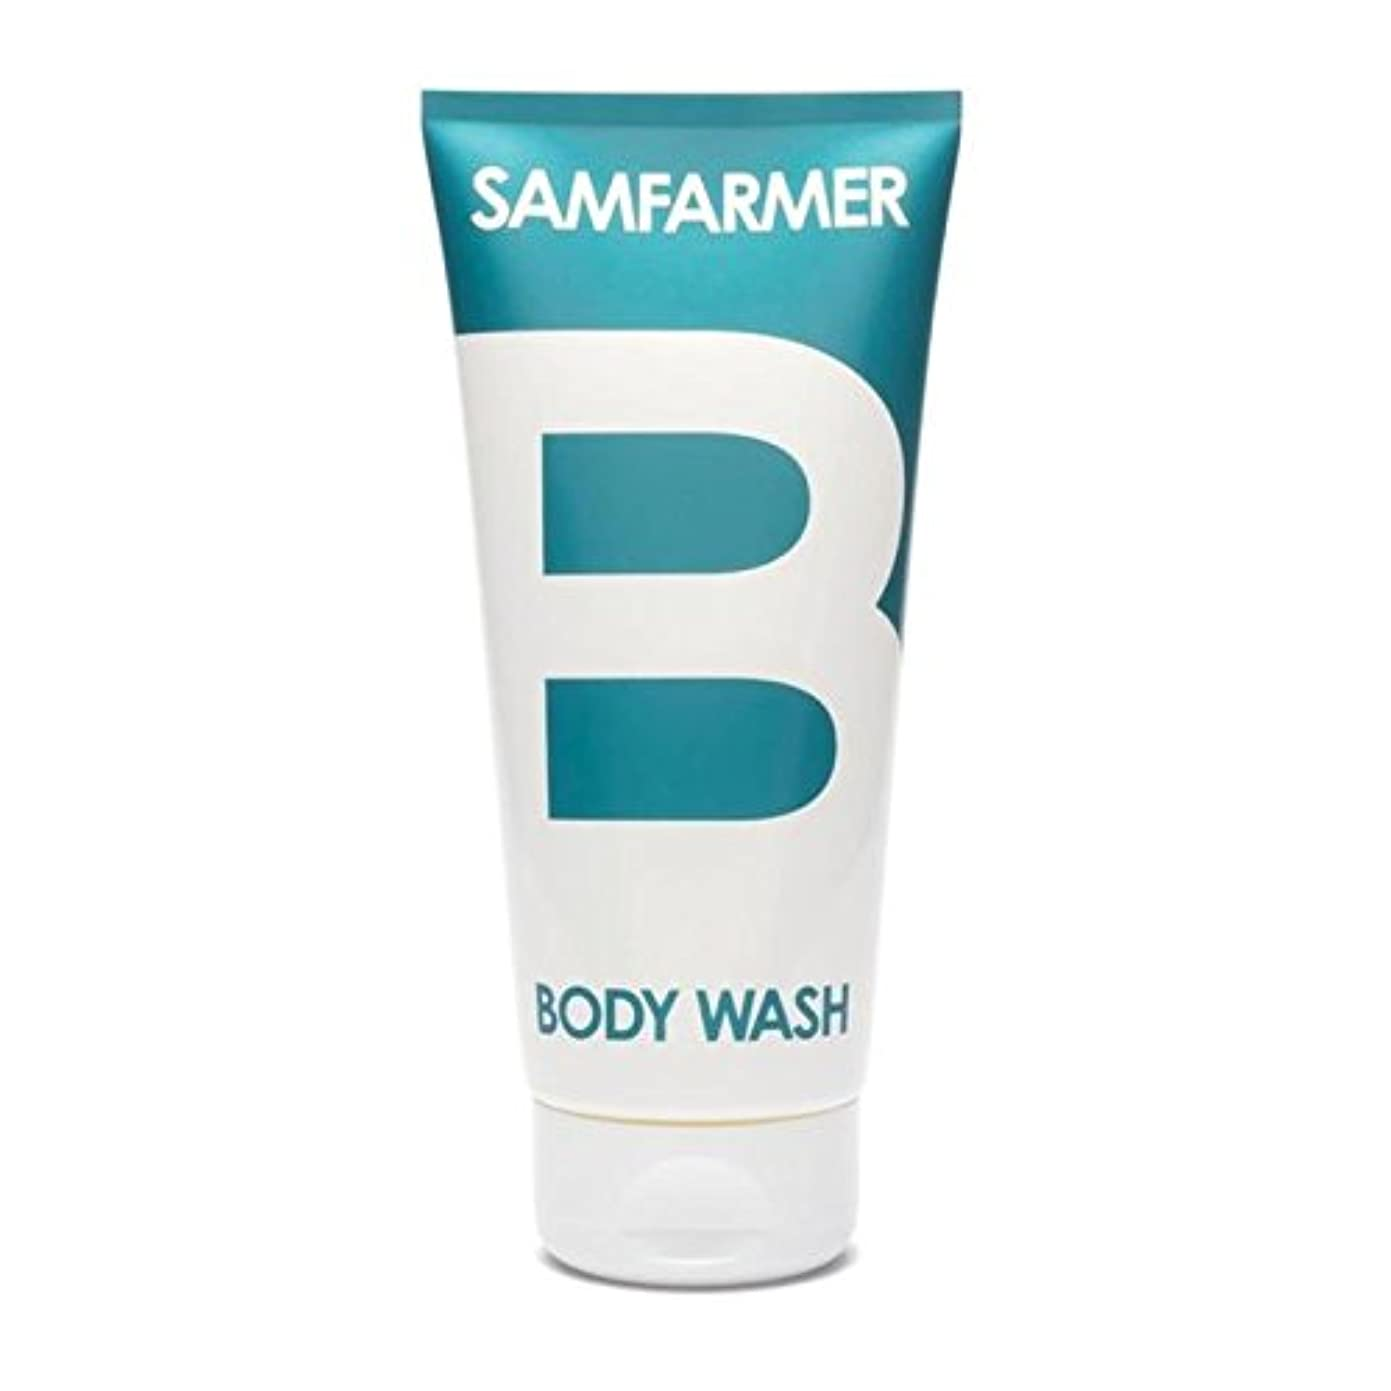 のためにサイクル略語ユニセックスボディウォッシュ200ミリリットル x2 - SAMFARMER Unisex Body Wash 200ml (Pack of 2) [並行輸入品]